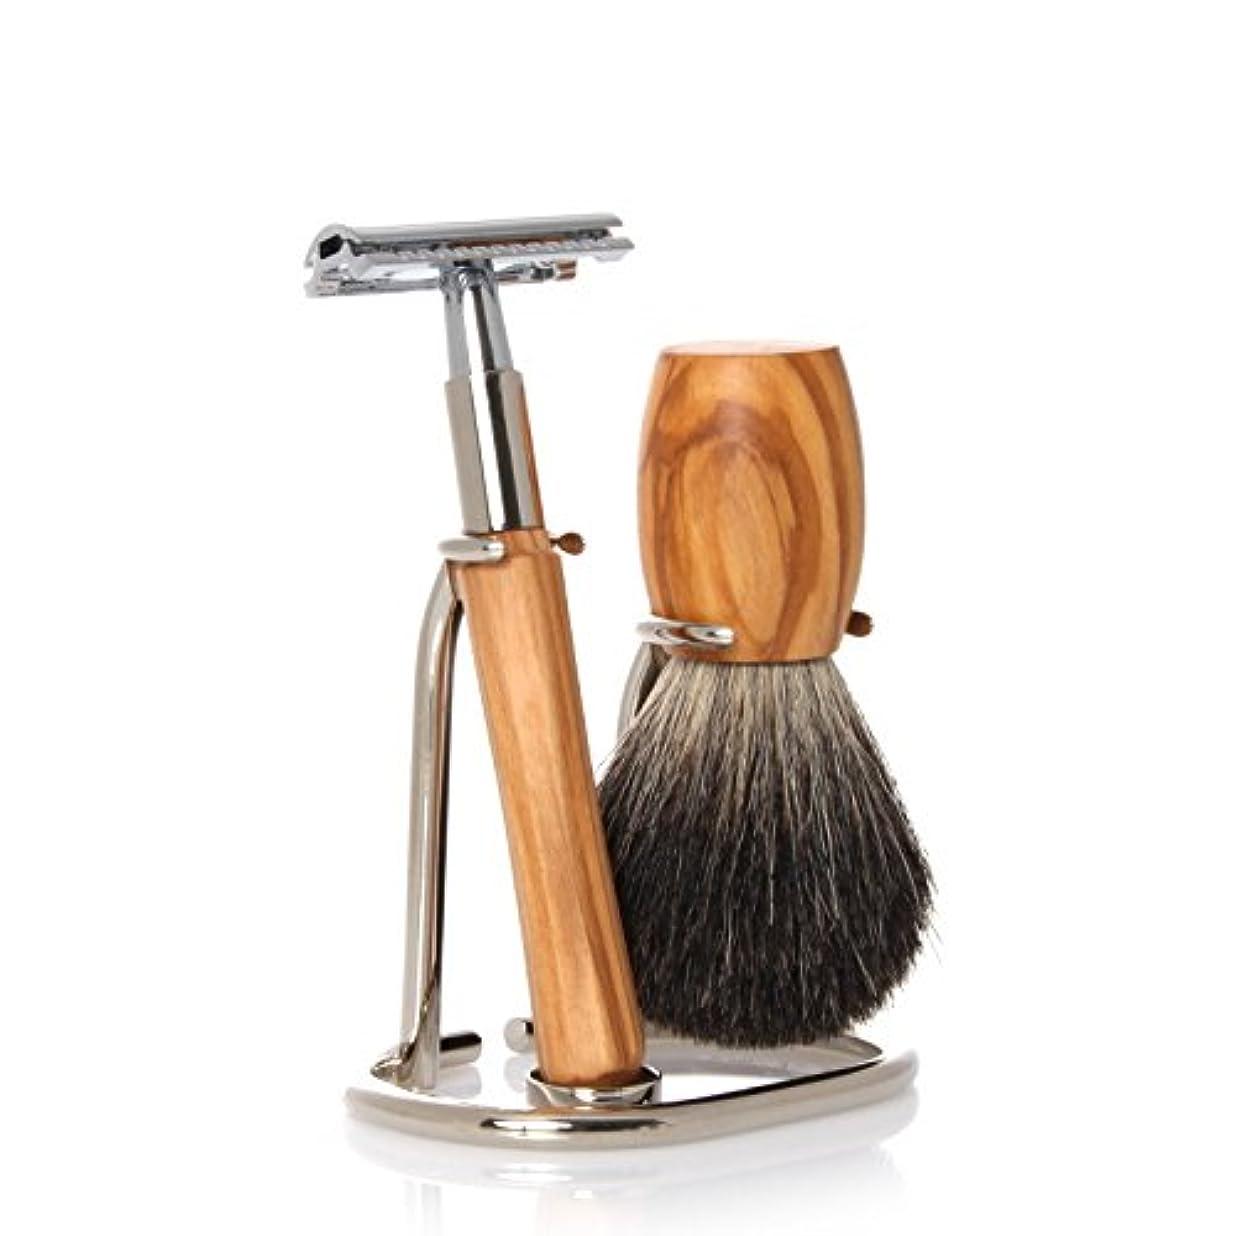 スイッチ乱れ宣伝GOLDDACHS Shaving Set, Safety razor, 100% badger hair, olive wood